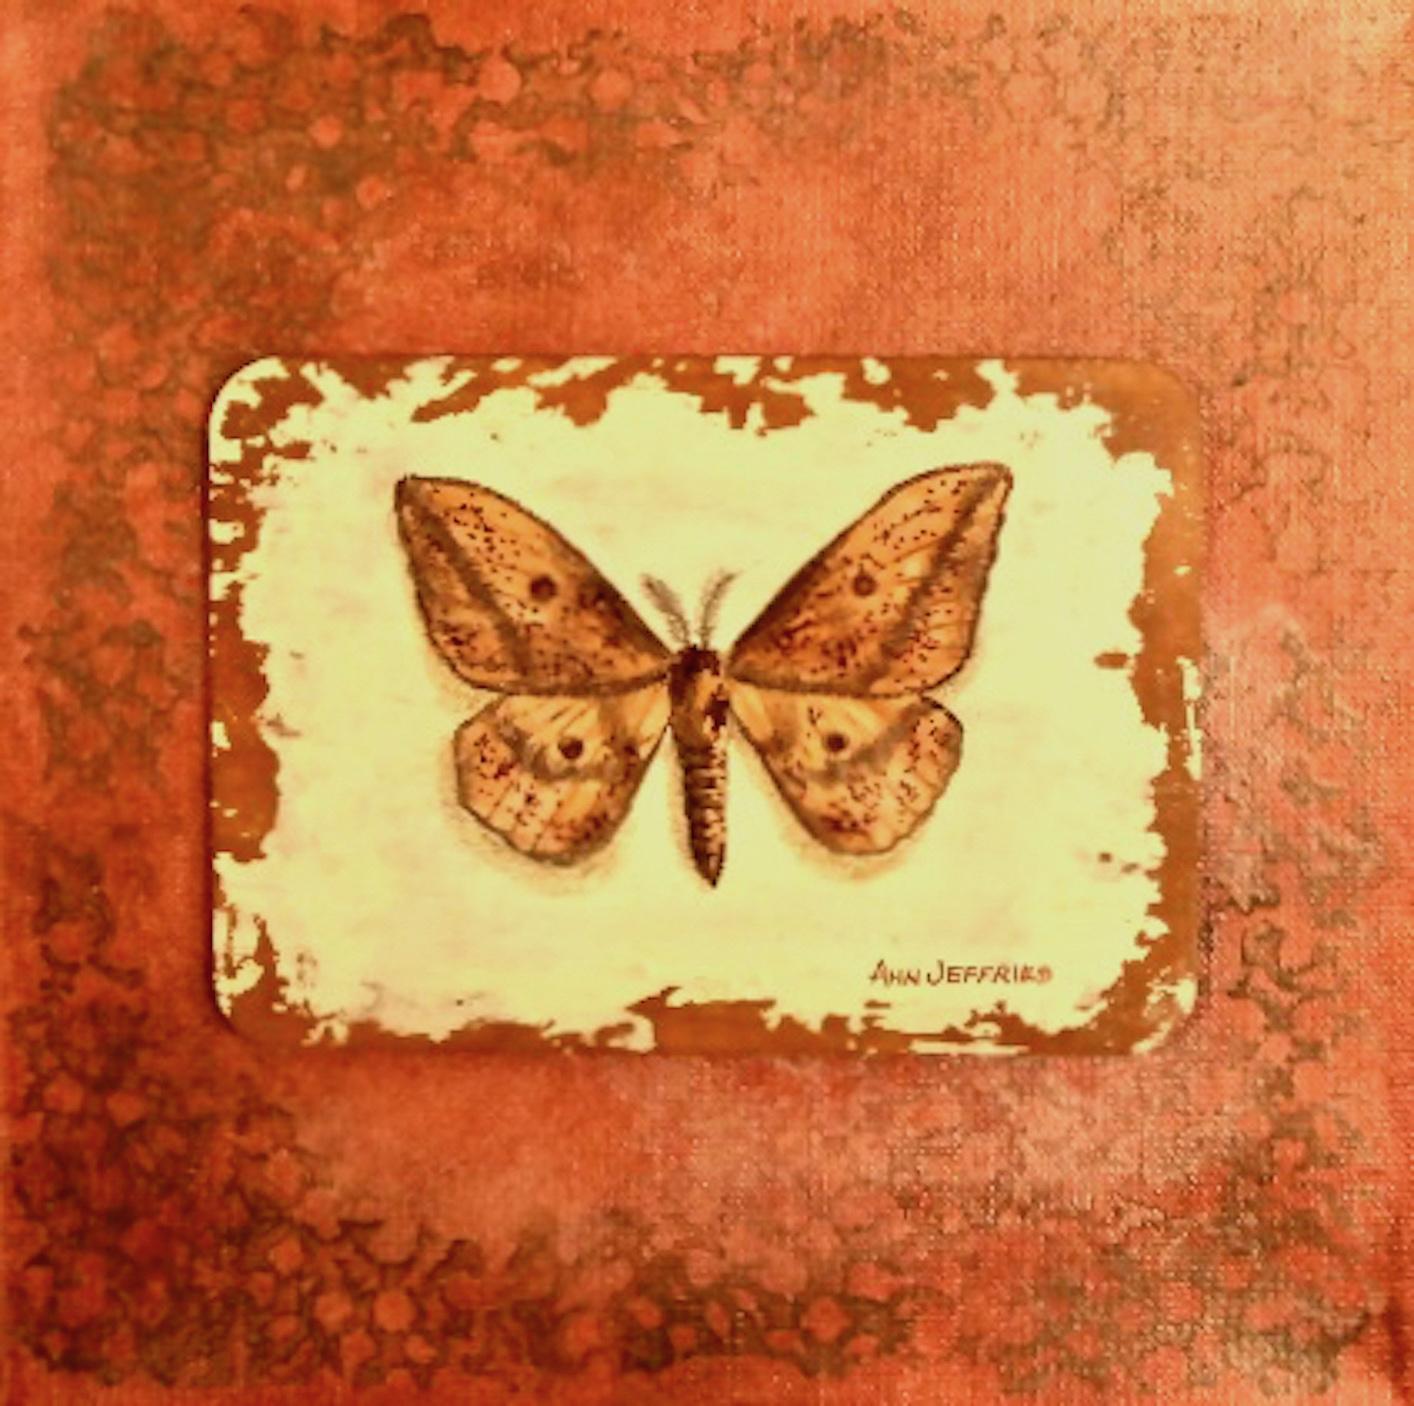 Ann Jeffries: Butterfly #13